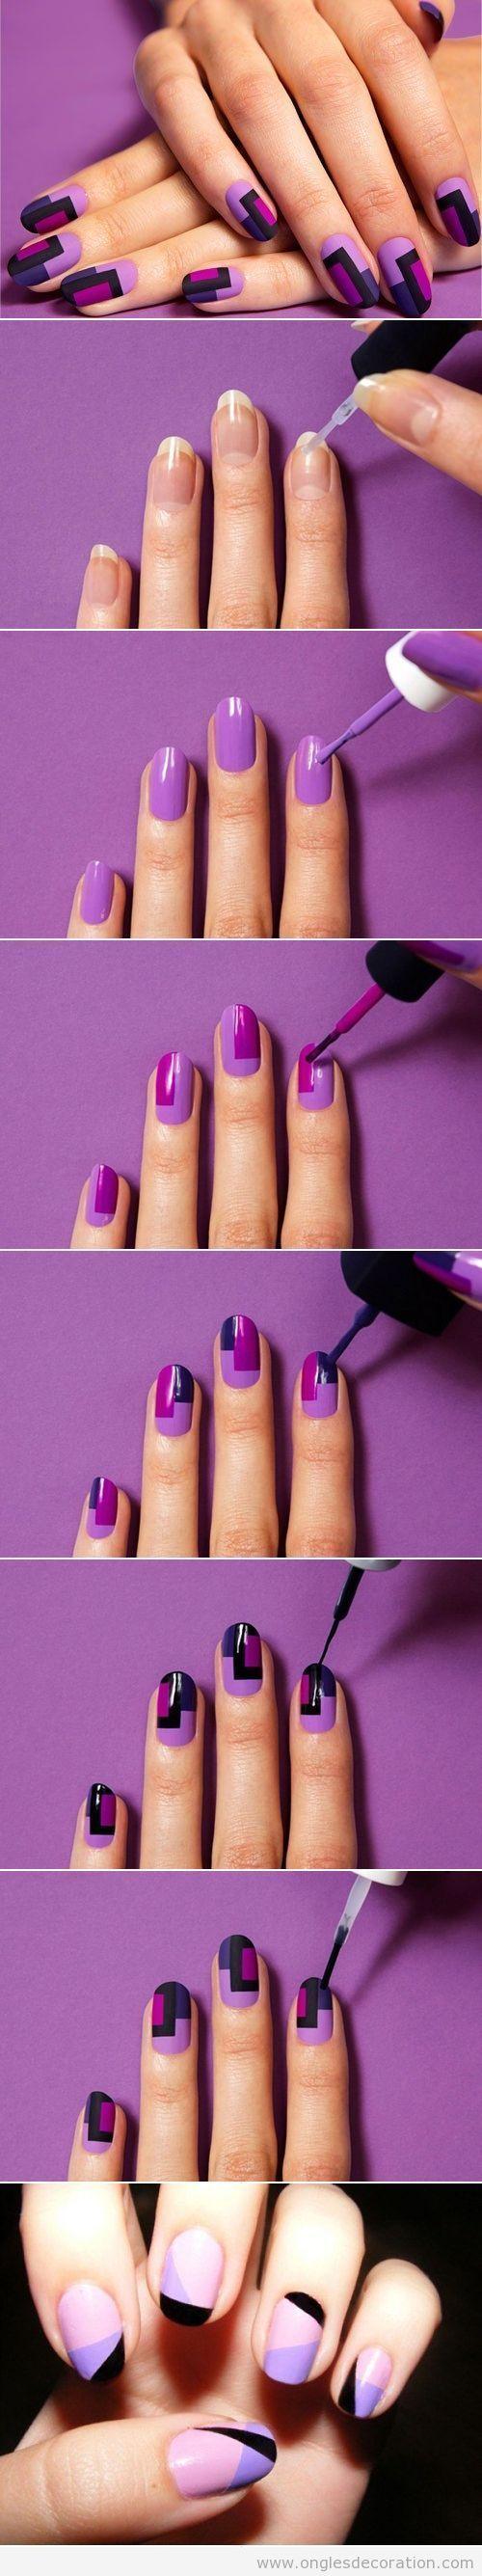 Tutoriel dessin ongles bloc de couleurs